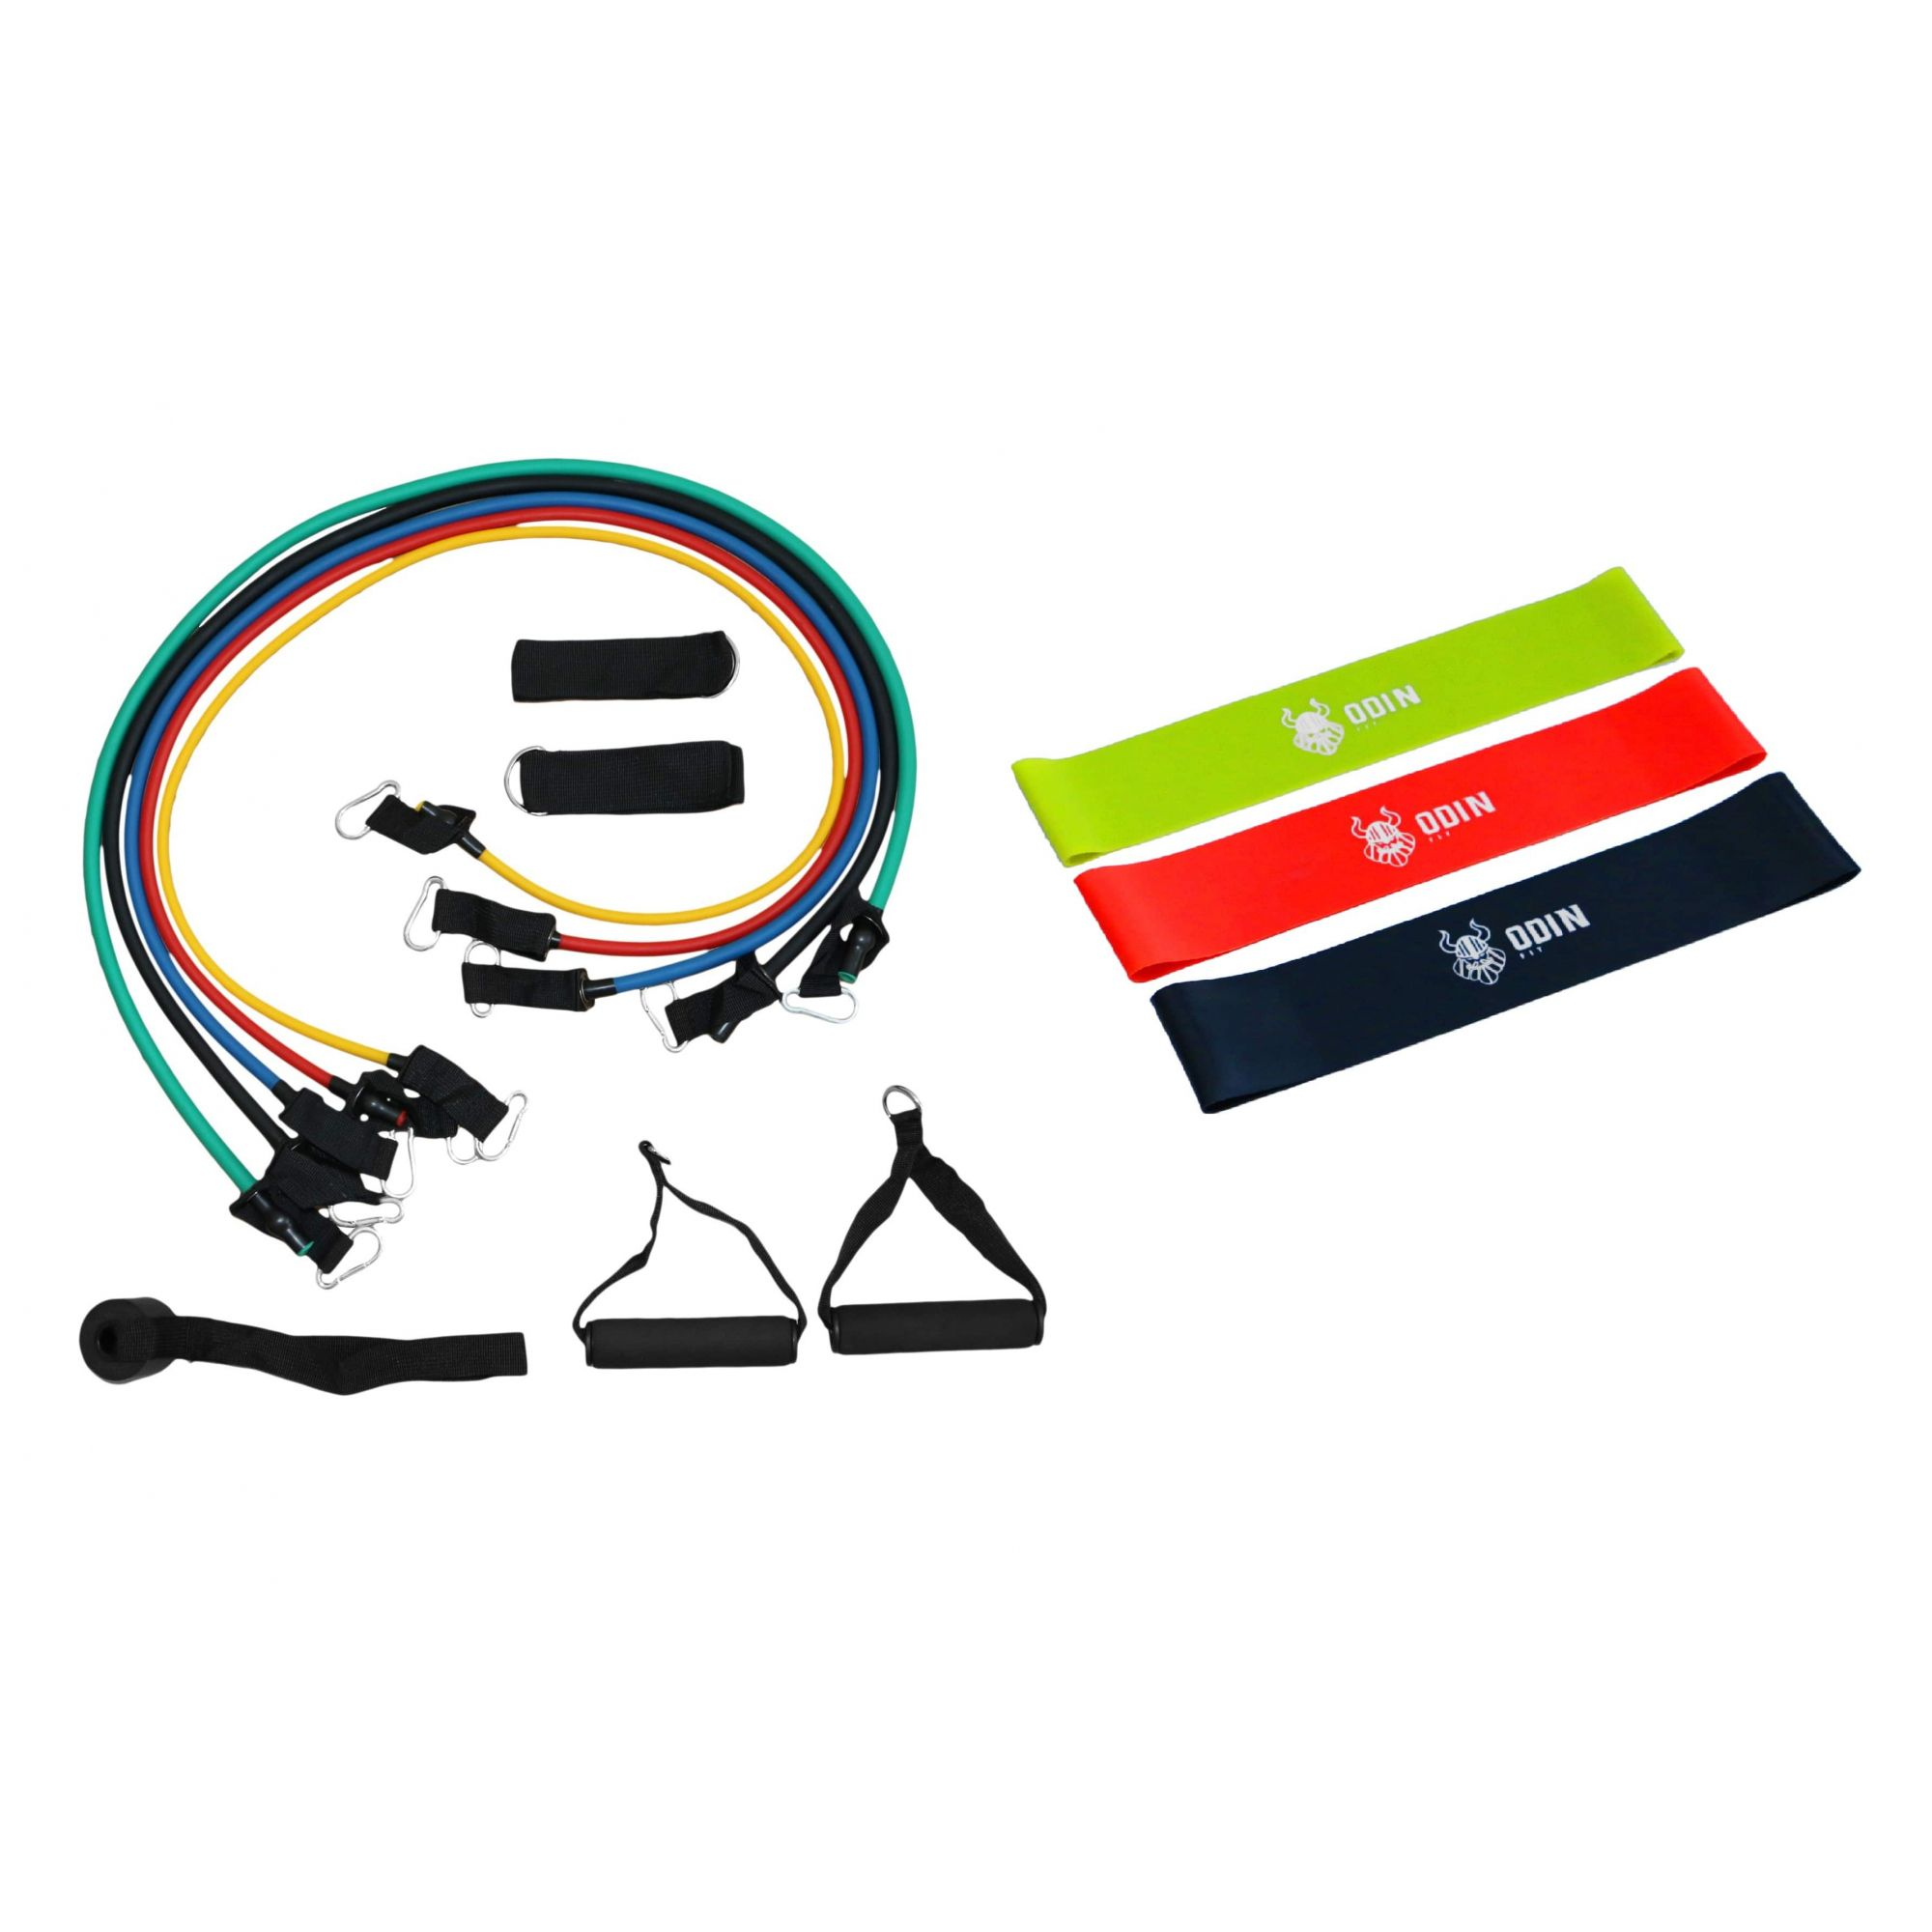 Elástico Extensor Tubing Kit com 11 Peças + Kit Mini Band – ODIN FIT